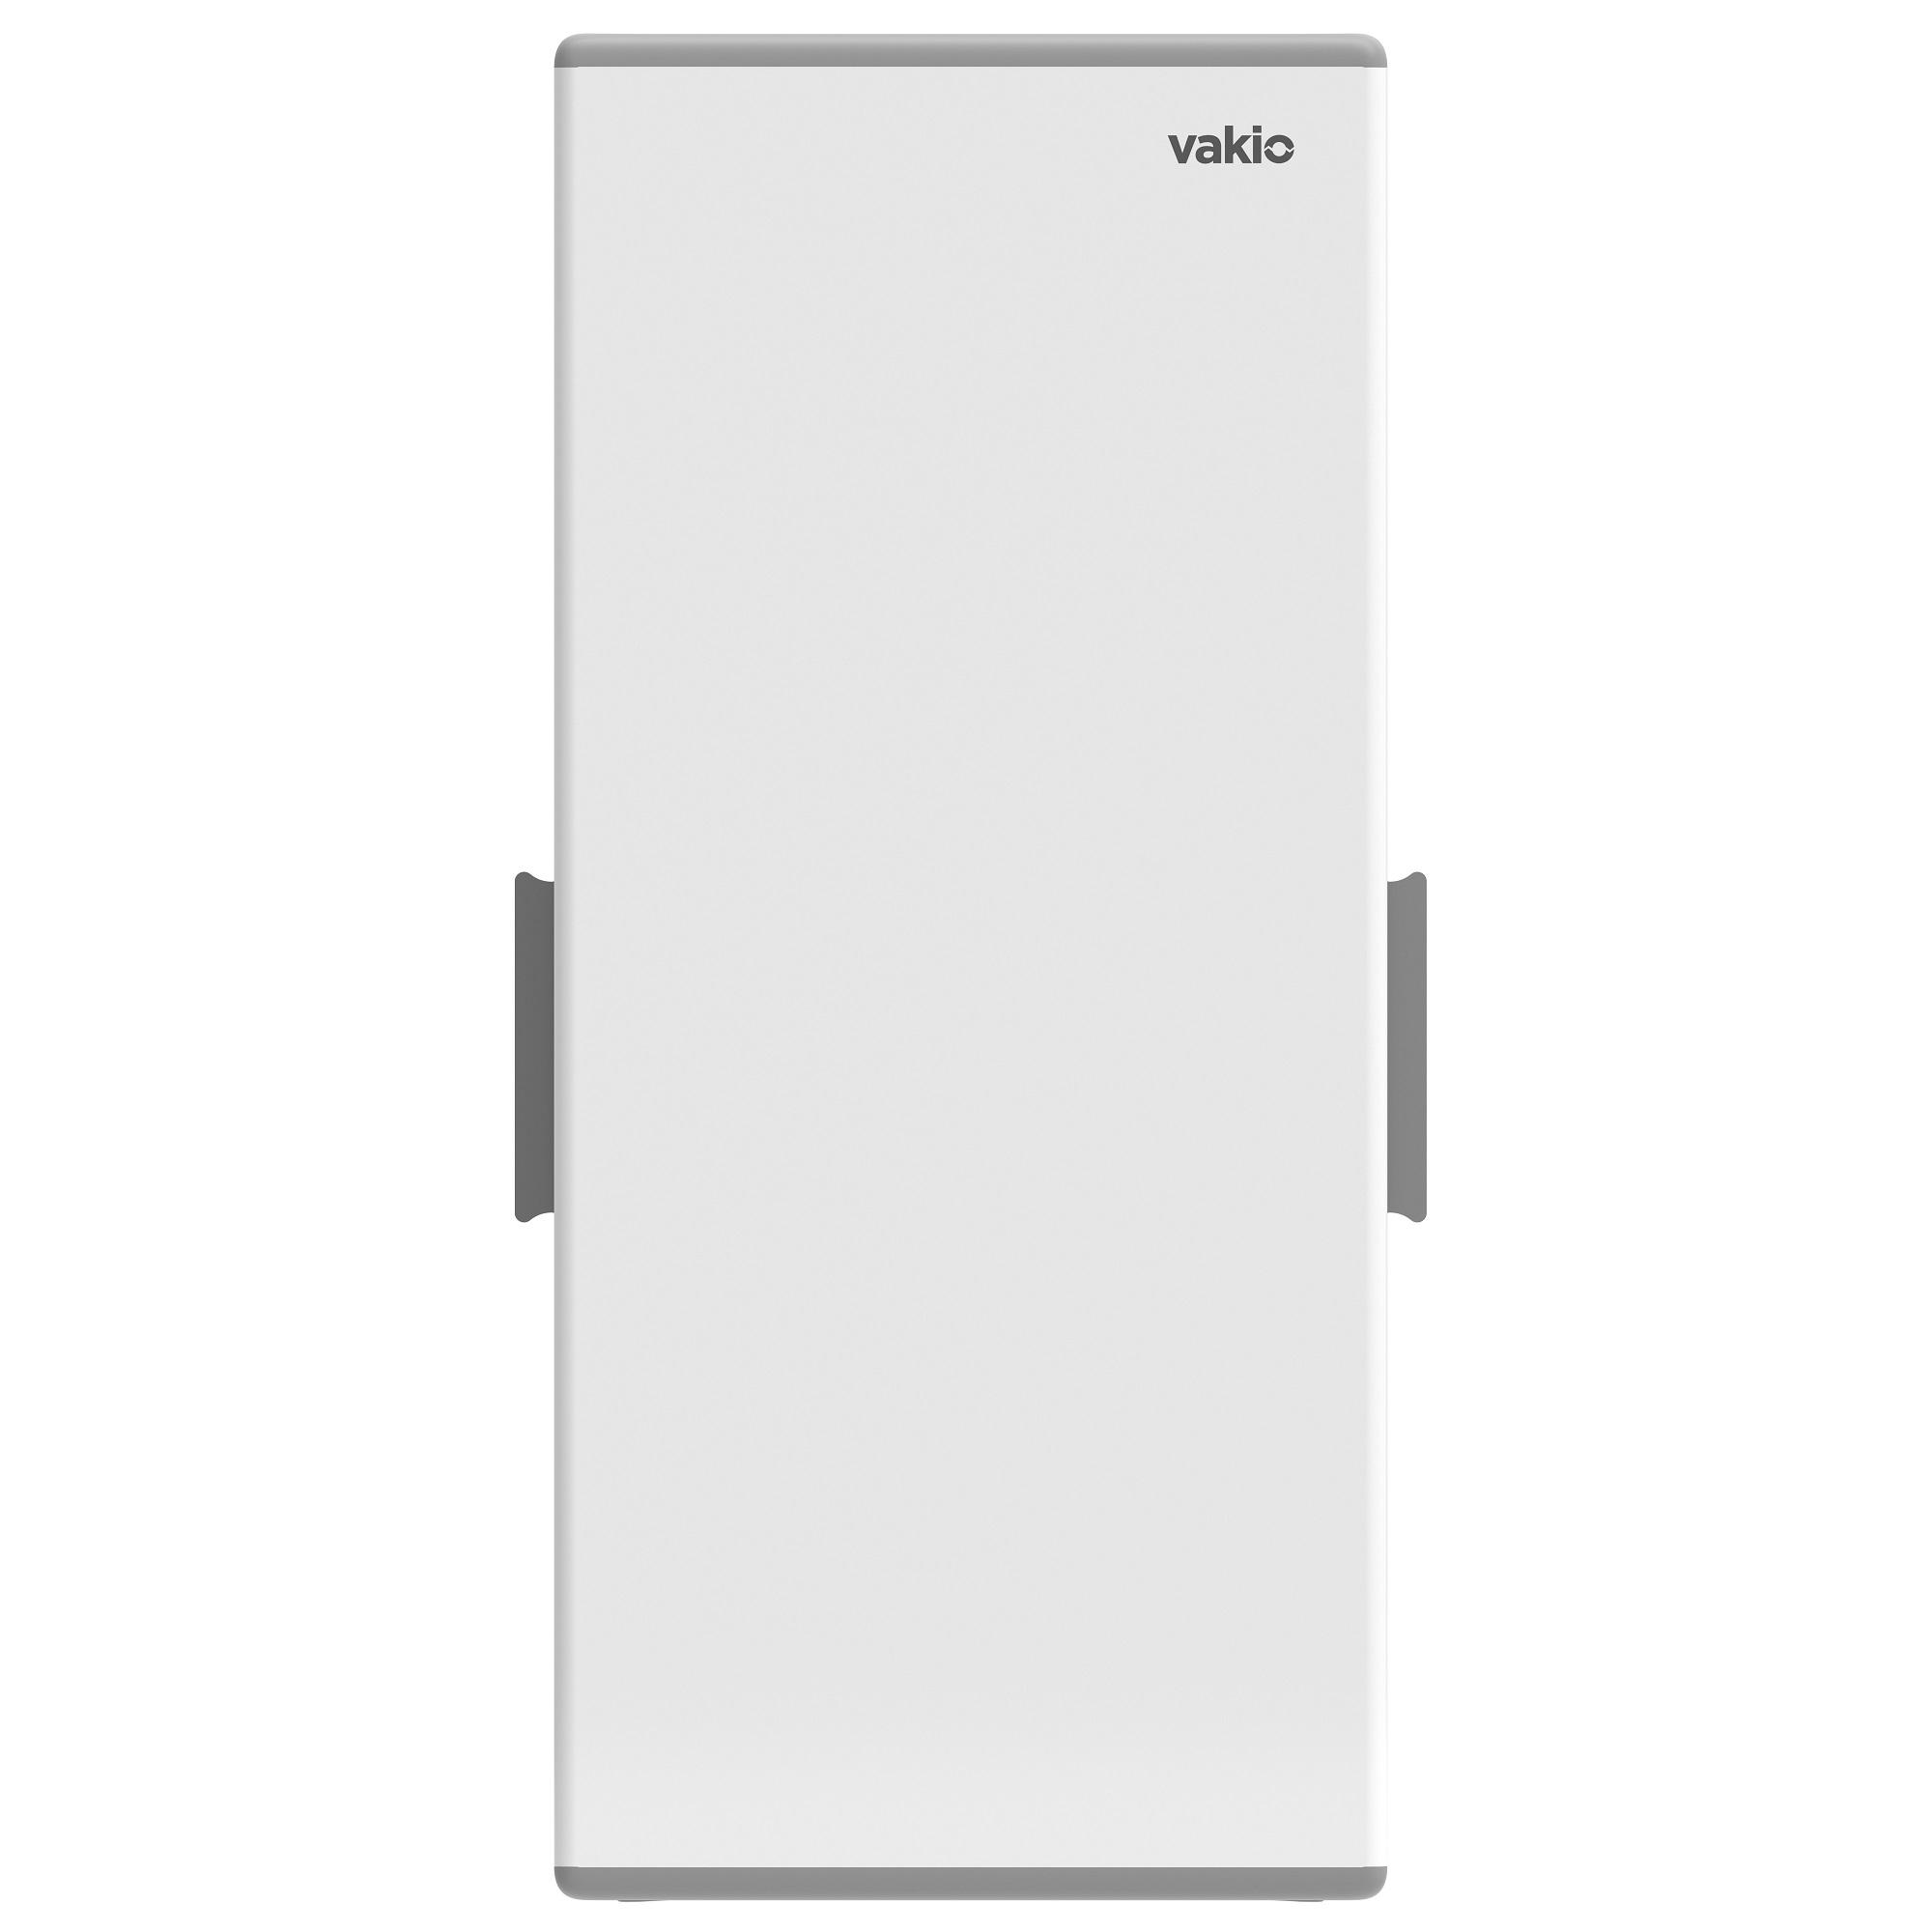 Приточно вытяжная установка Vakio Window